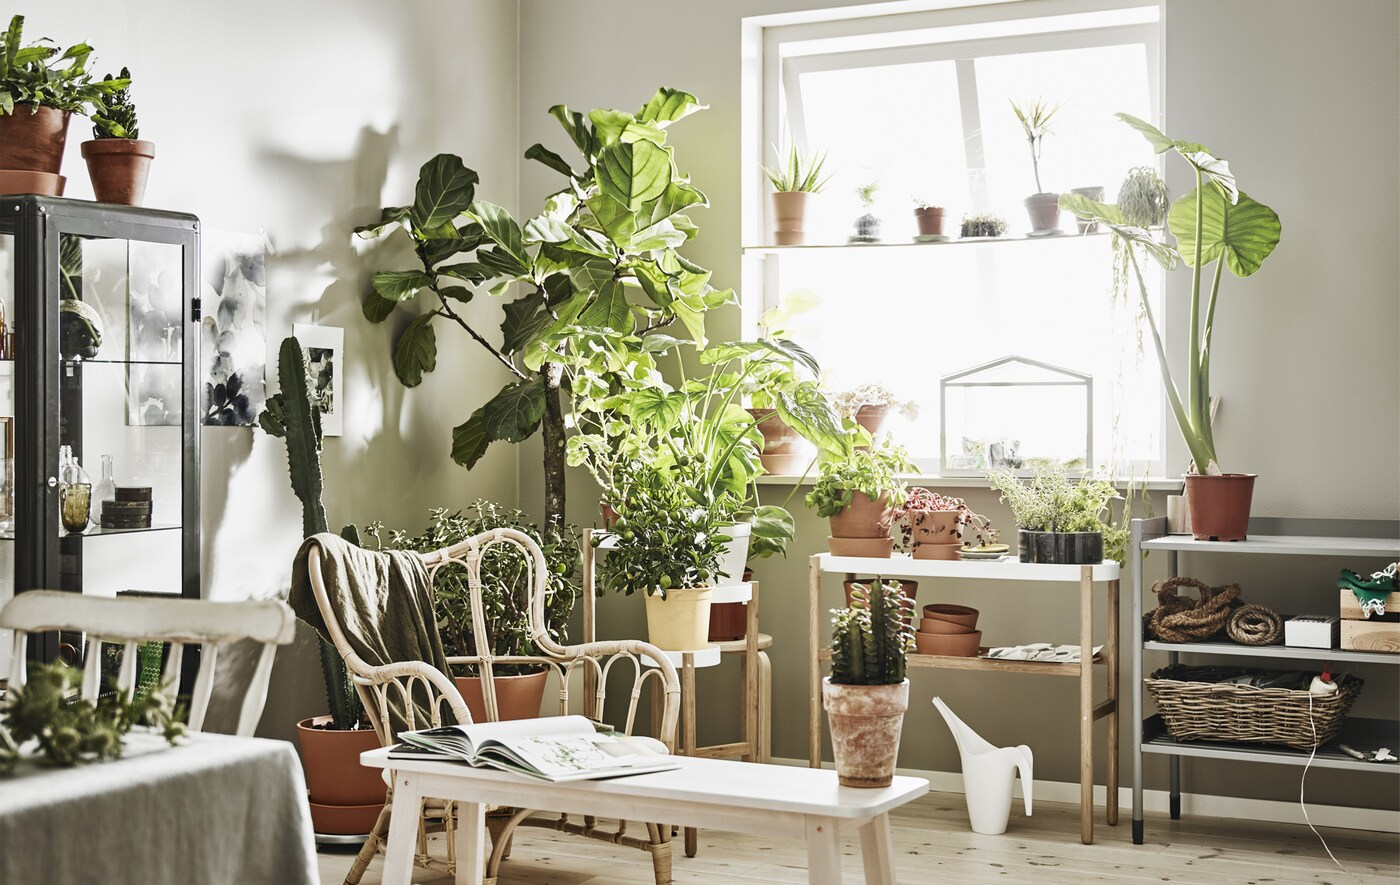 Eine Ecke in einem weißen Wohnzimmer, wo viele Zimmerpflanzen stehen.